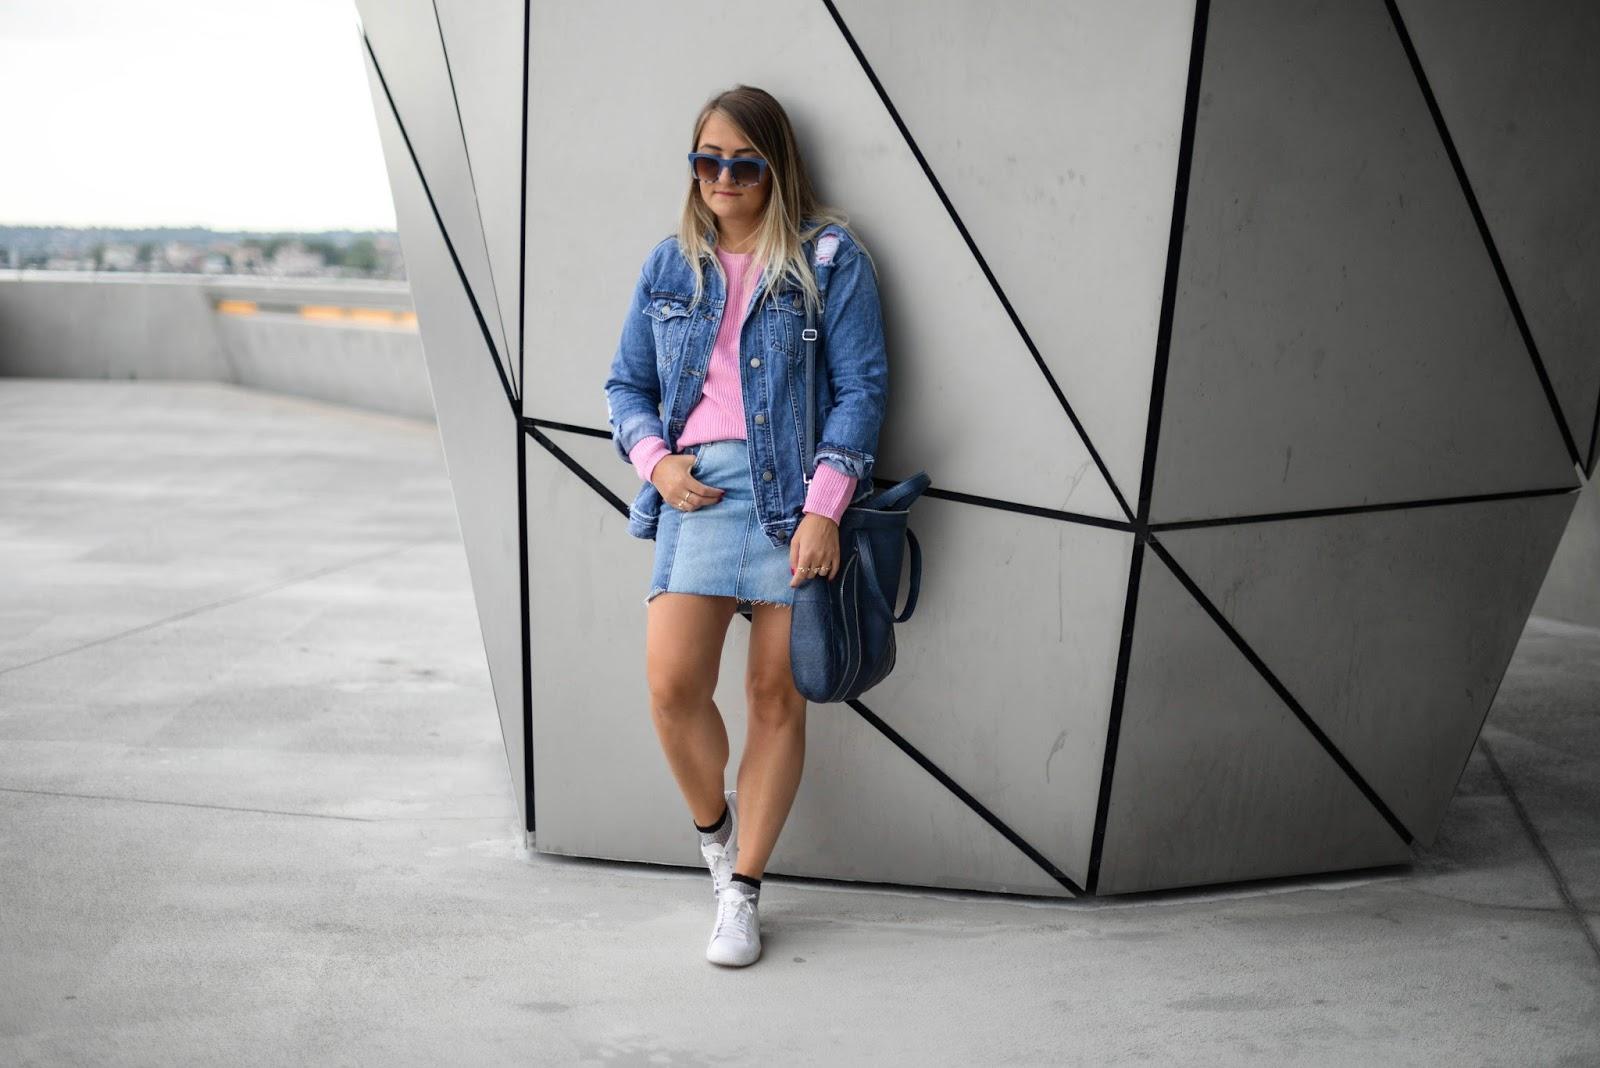 parisgrenoble blog mode paris